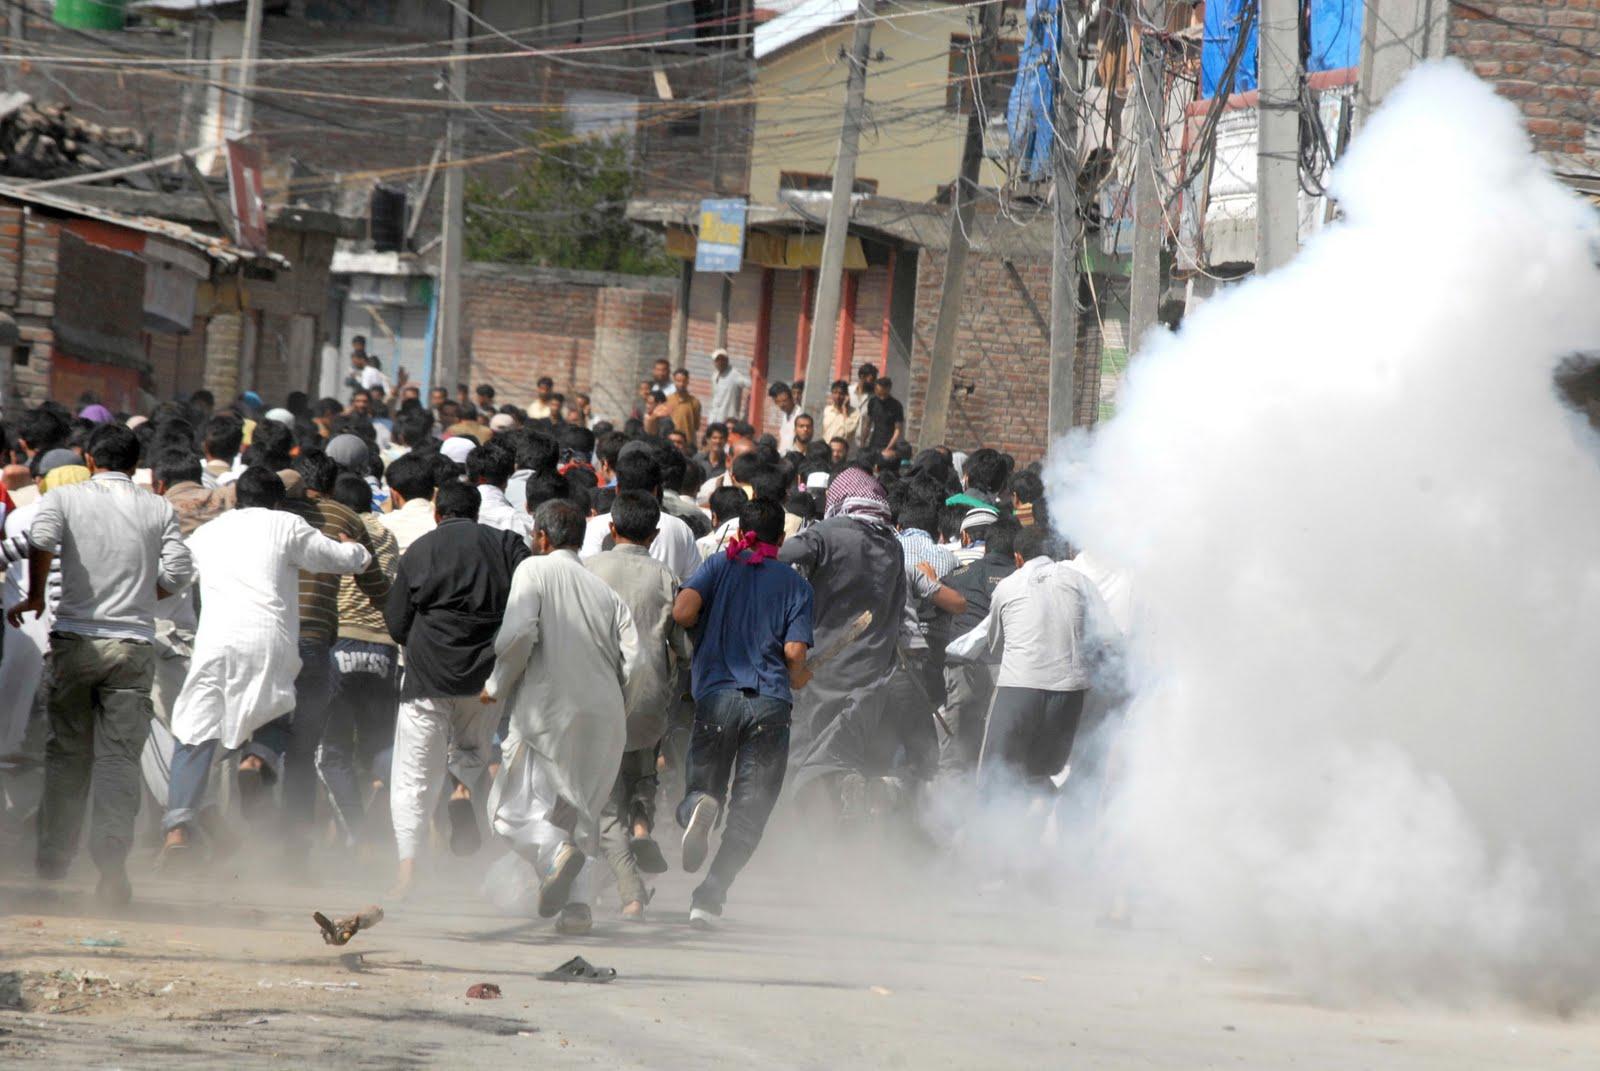 Kashmiri demonstrators being teargassed